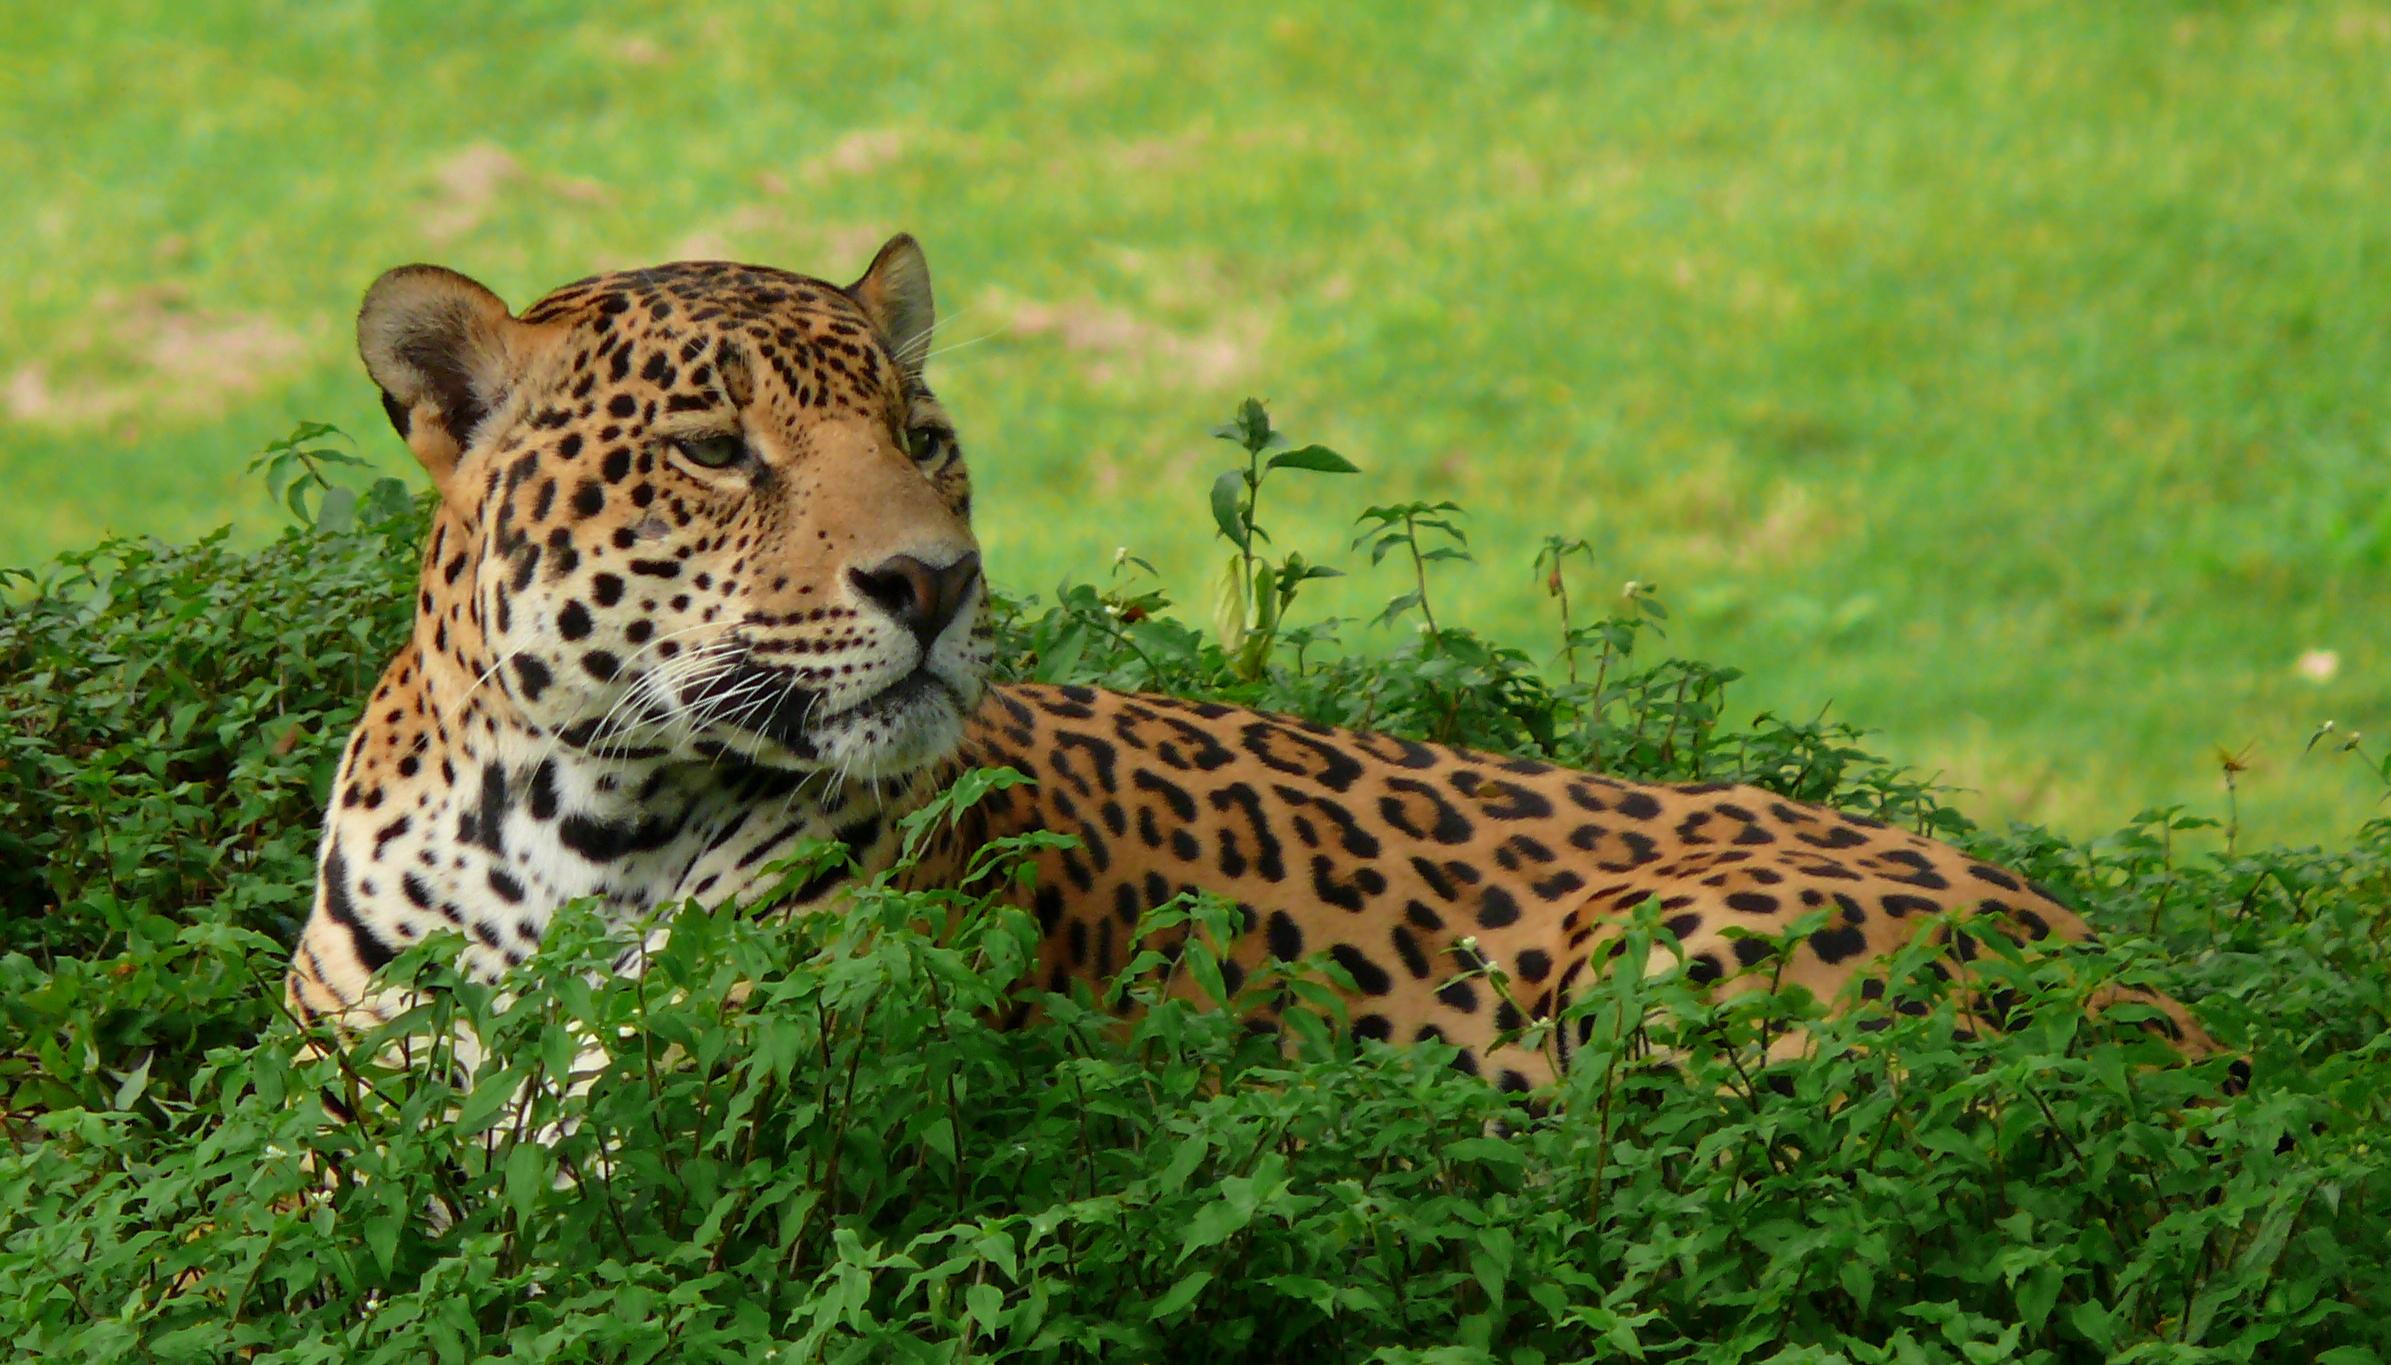 Animales Felino Leopardos Fondo De Pantalla Fondos De: Fondos De Pantalla : Naturaleza, Naturaleza, Animal